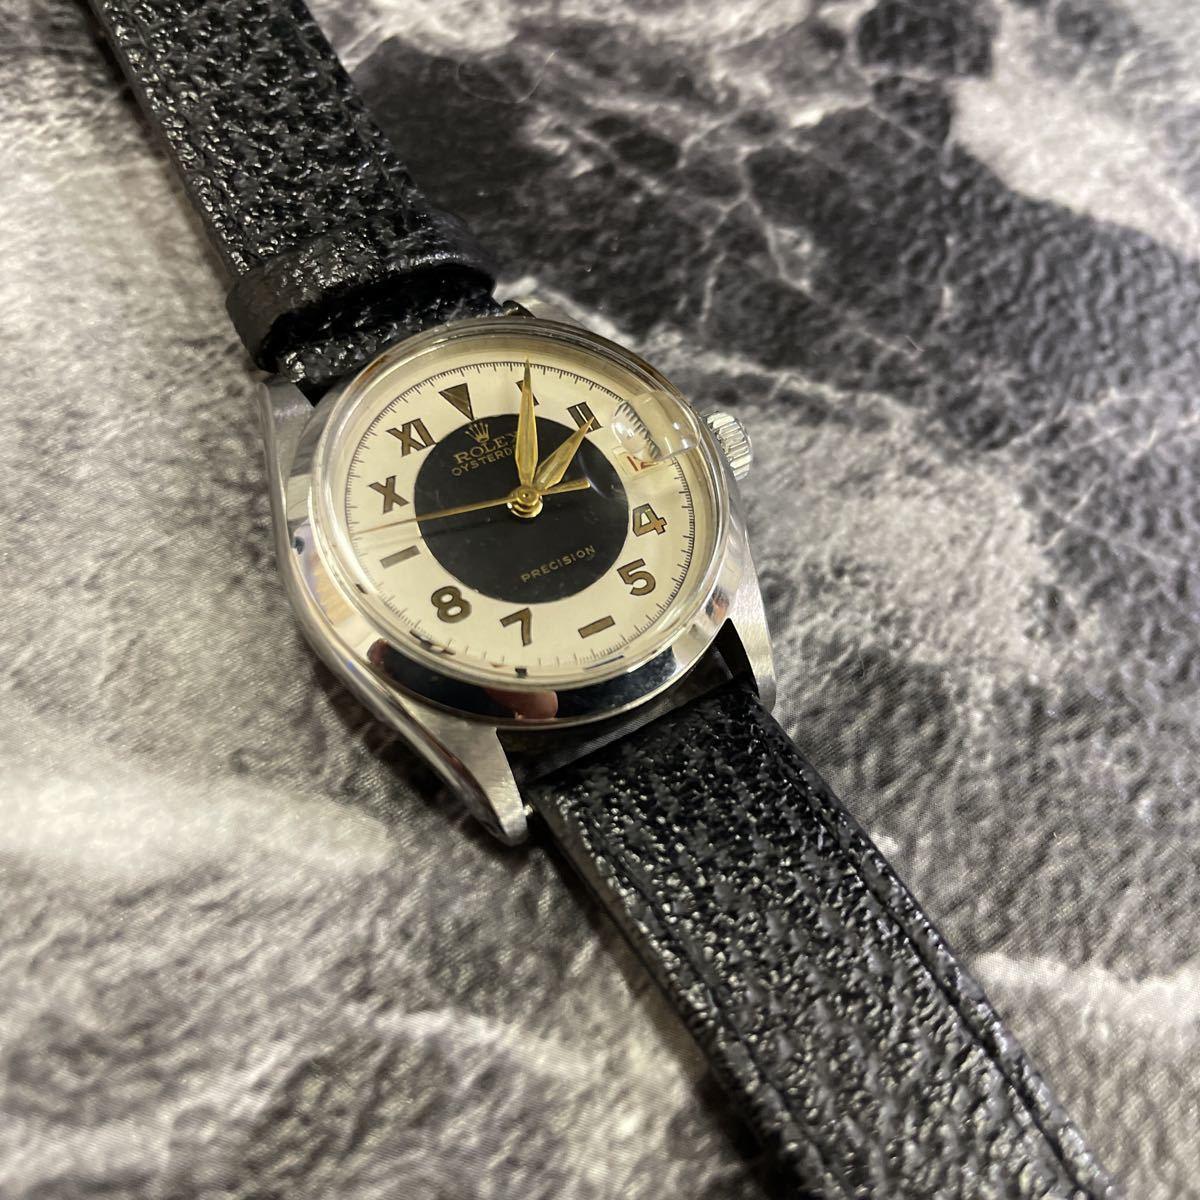 希少文字盤・稼働品・ROLEX ロレックス オイスターデイト プレシジョン 腕時計 ボーイズ メンズ 6466 17石 アンティーク 手巻き式//3260_画像2